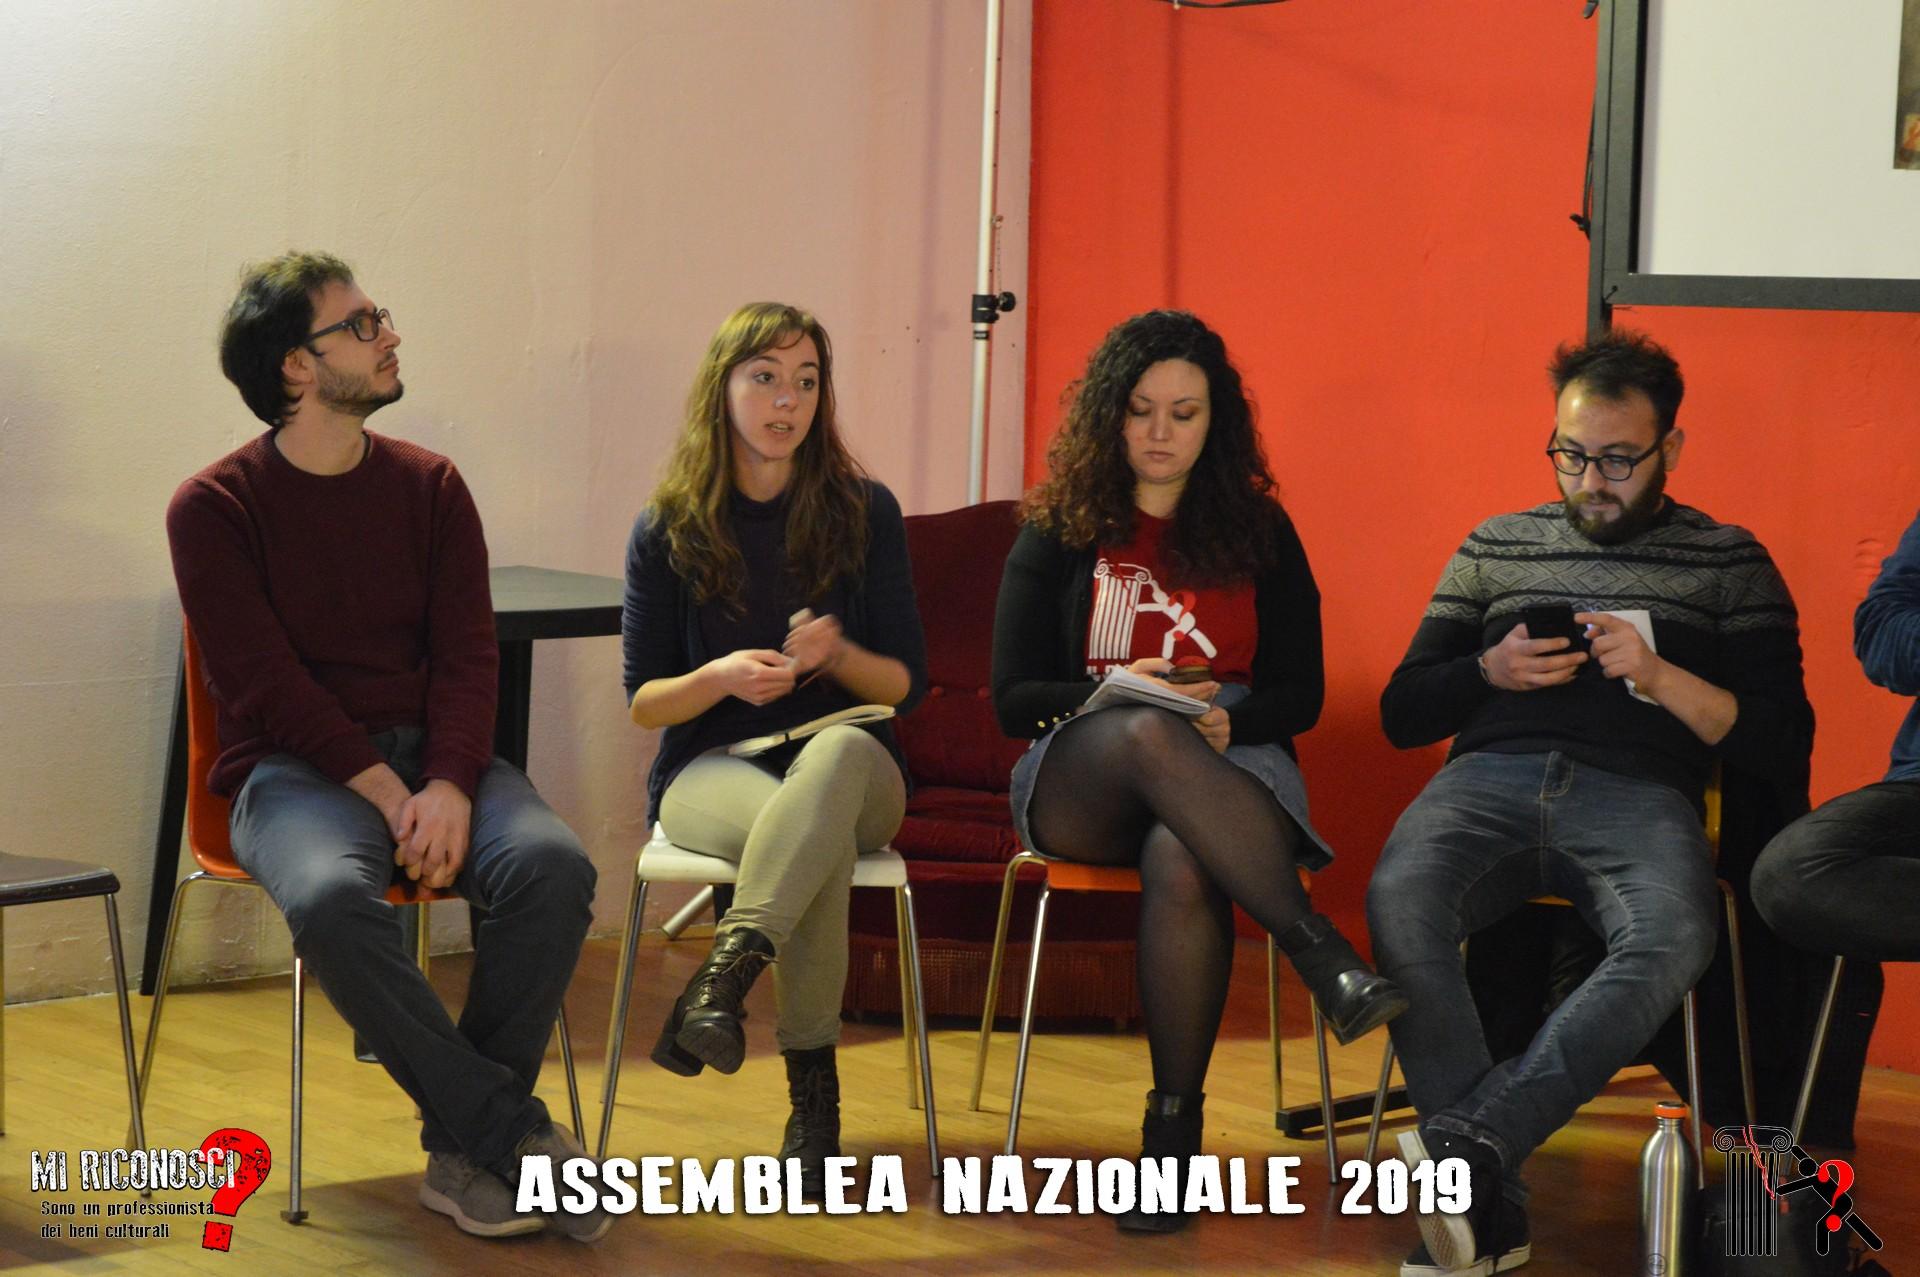 Assemblea nazionale 2018